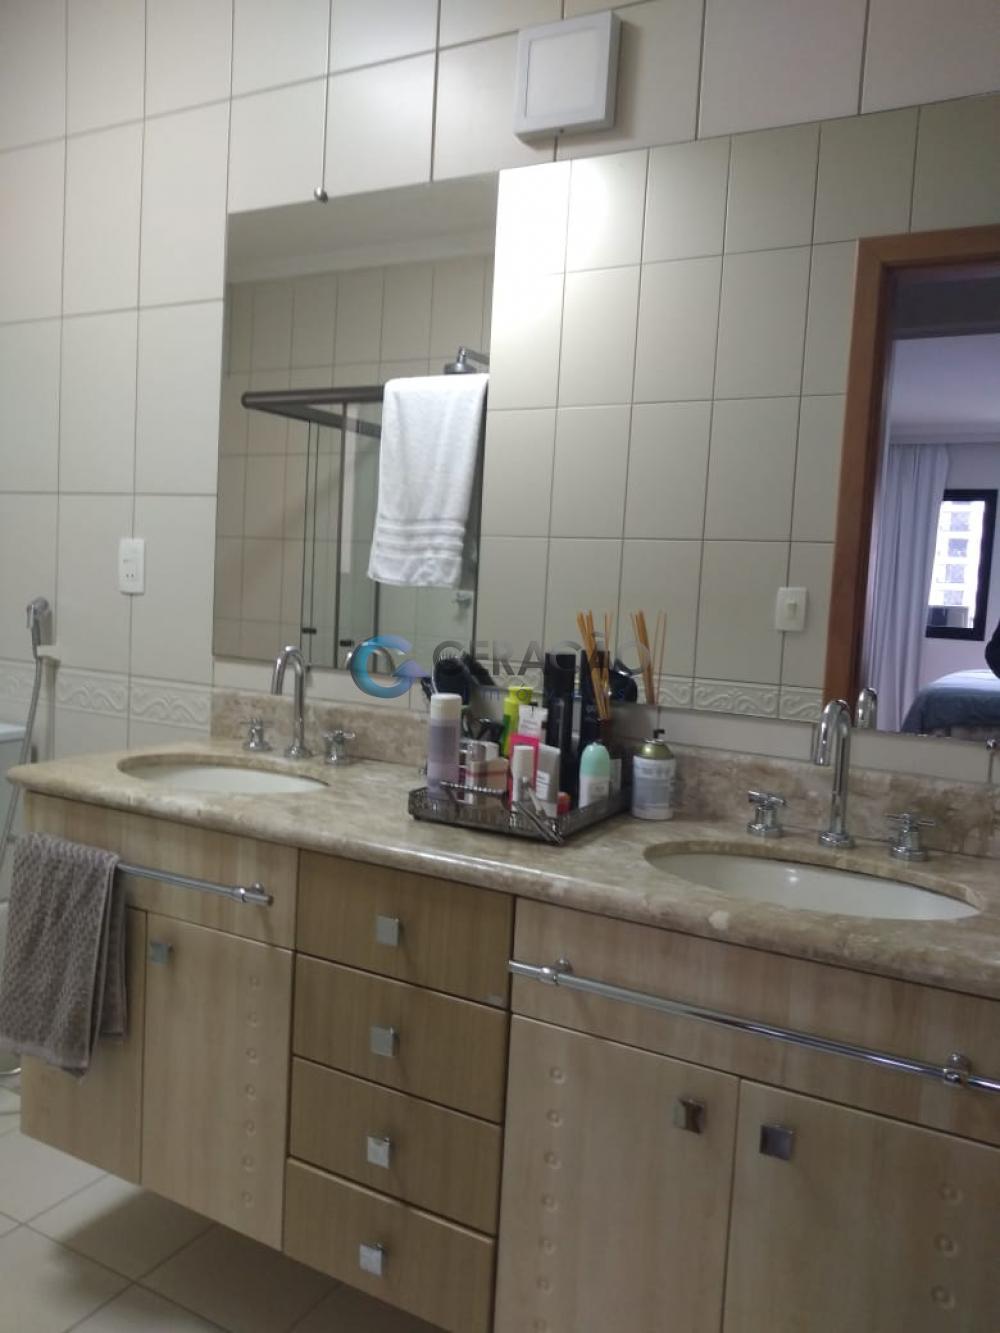 Comprar Apartamento / Padrão em São José dos Campos R$ 1.300.000,00 - Foto 10